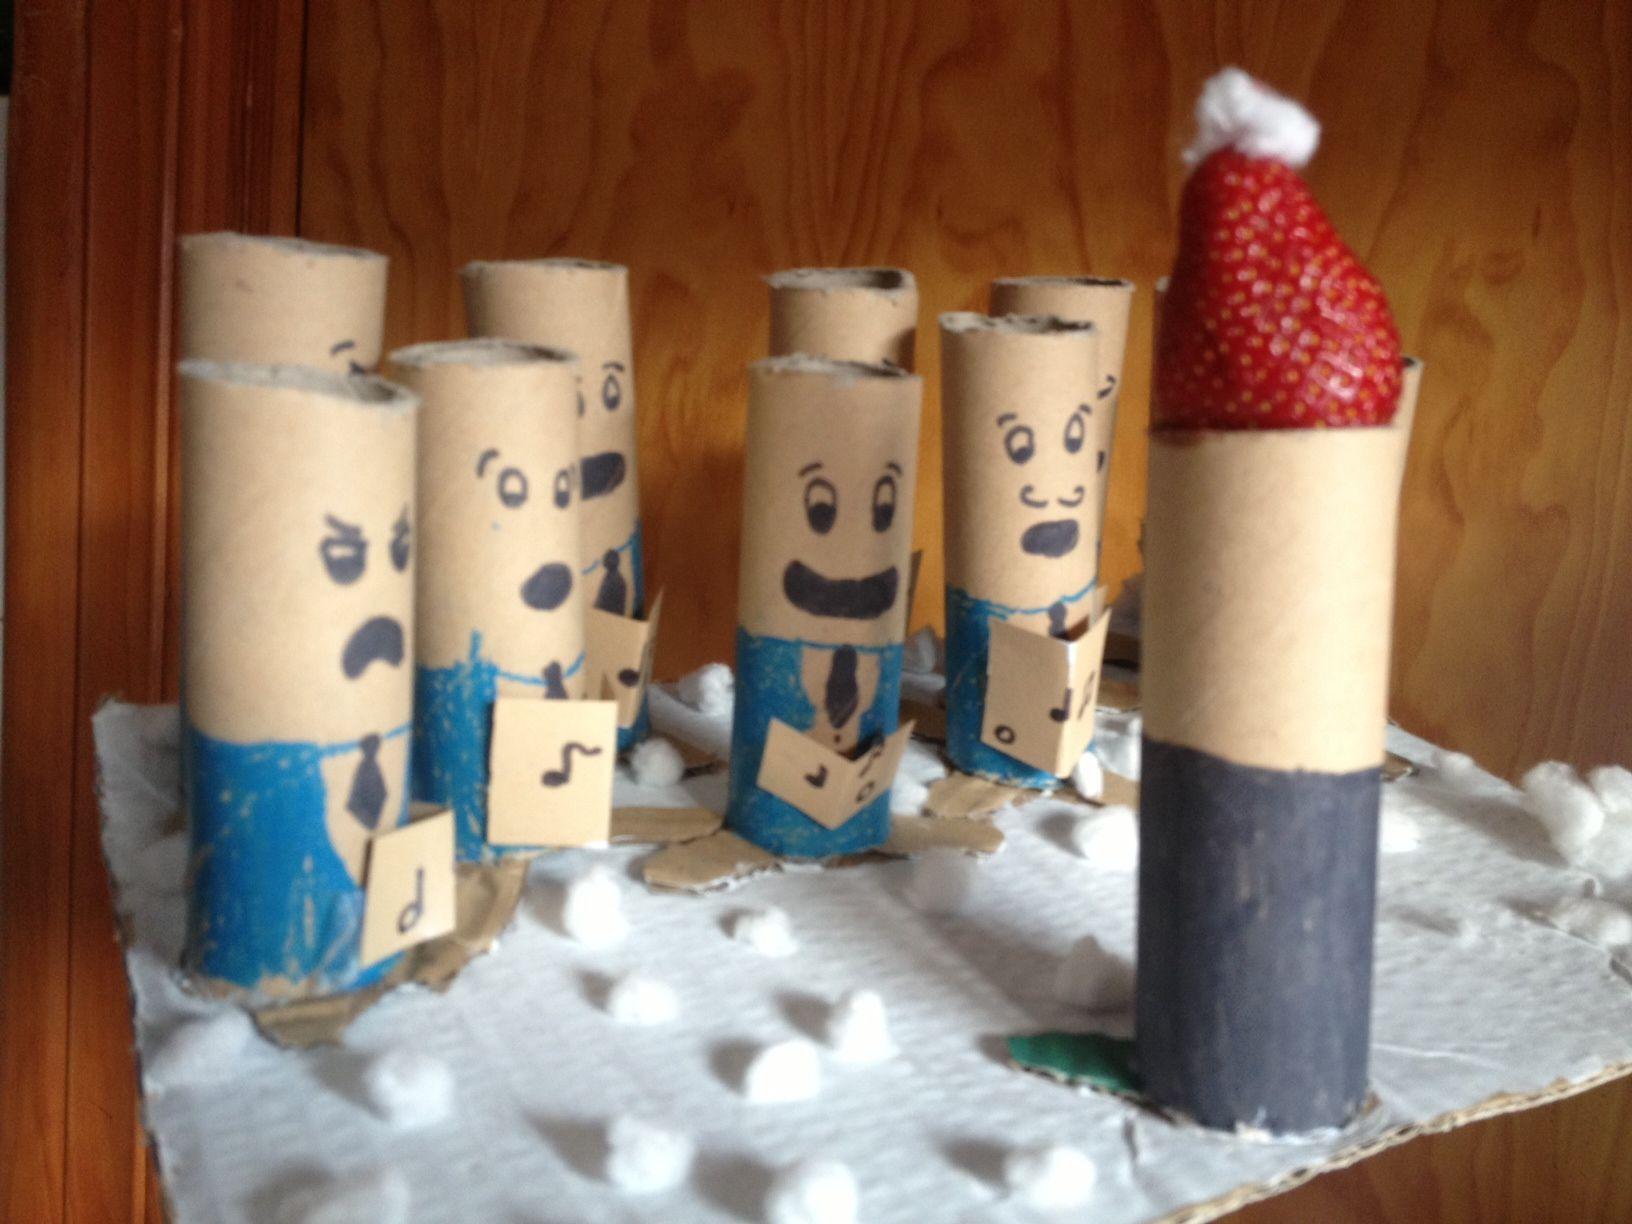 -XMAS CHORUS MADE FROM TOILET PAPER, CEREALS BOX AND COTTON. CONCEIVED BY ALROCOFER, 11 YEARS OLD. -Coro de Navidad realizado con maerial de reciclaje, rollos de papel de cocina o higiénico, cajas de cereales y algododón. Ideado por Alrocofer, 11 años. -COEUR DE NOËL, CRÉE  AVEC MATERIEL DE RECYCLAGE: PAIER TOILET OU ROLEAU CUISINE, BOITE AUX CÈREALS ET COTTON. CONÇU PAR ALROCOFER, 11 ANS.